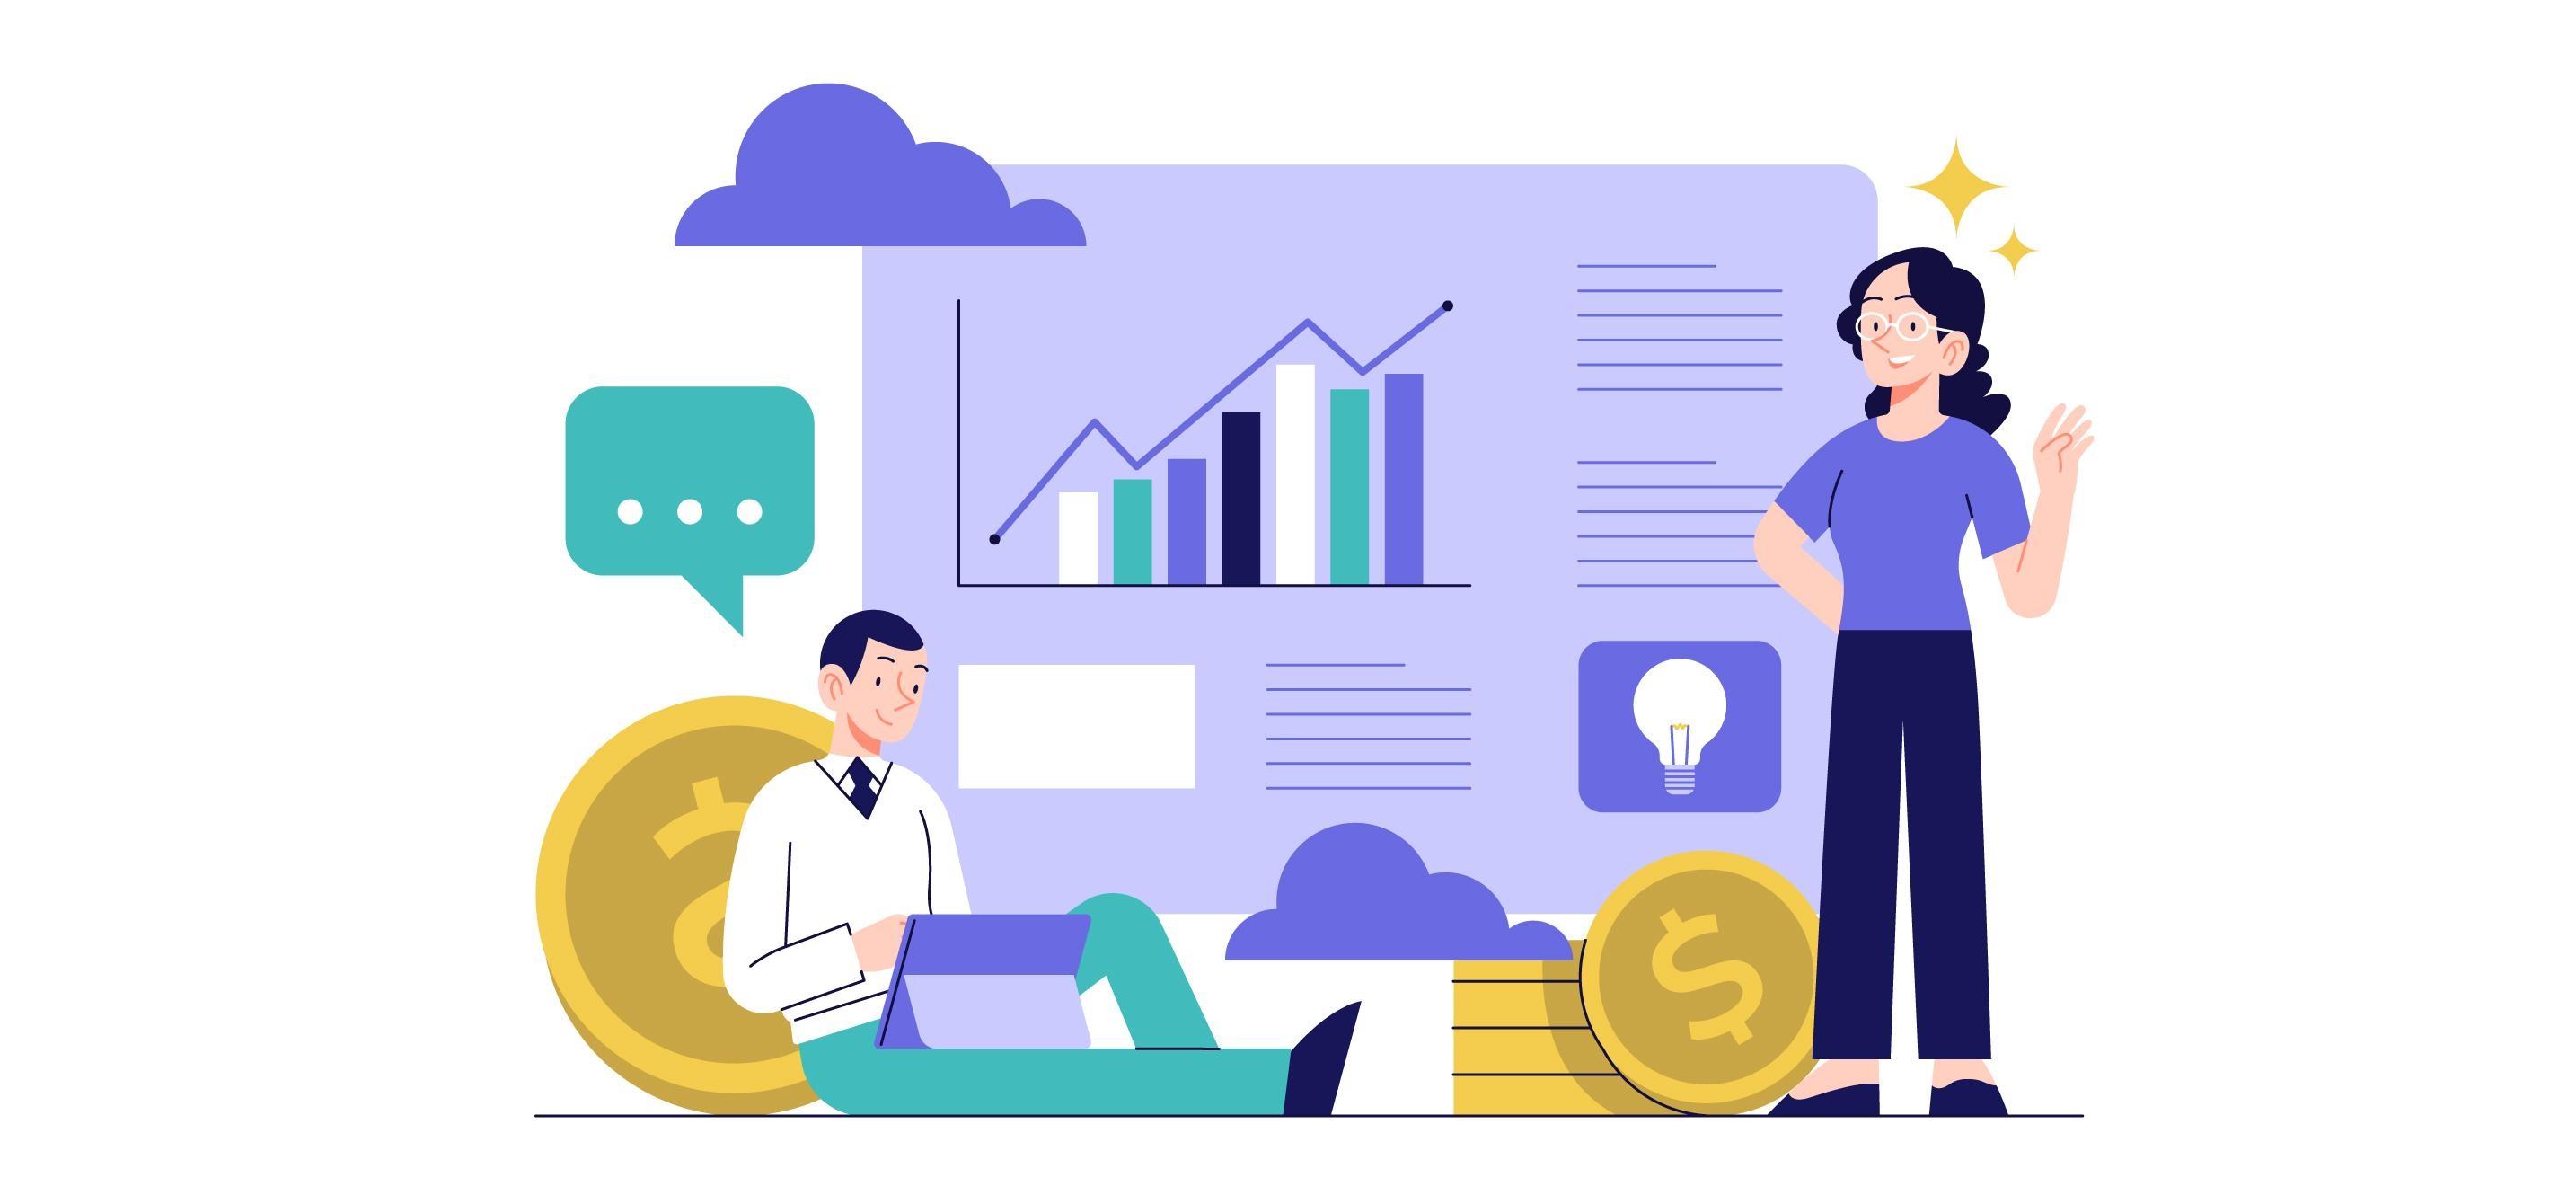 profitto bitcoin su buongiorno tvn opzione binaria pagamento fisso